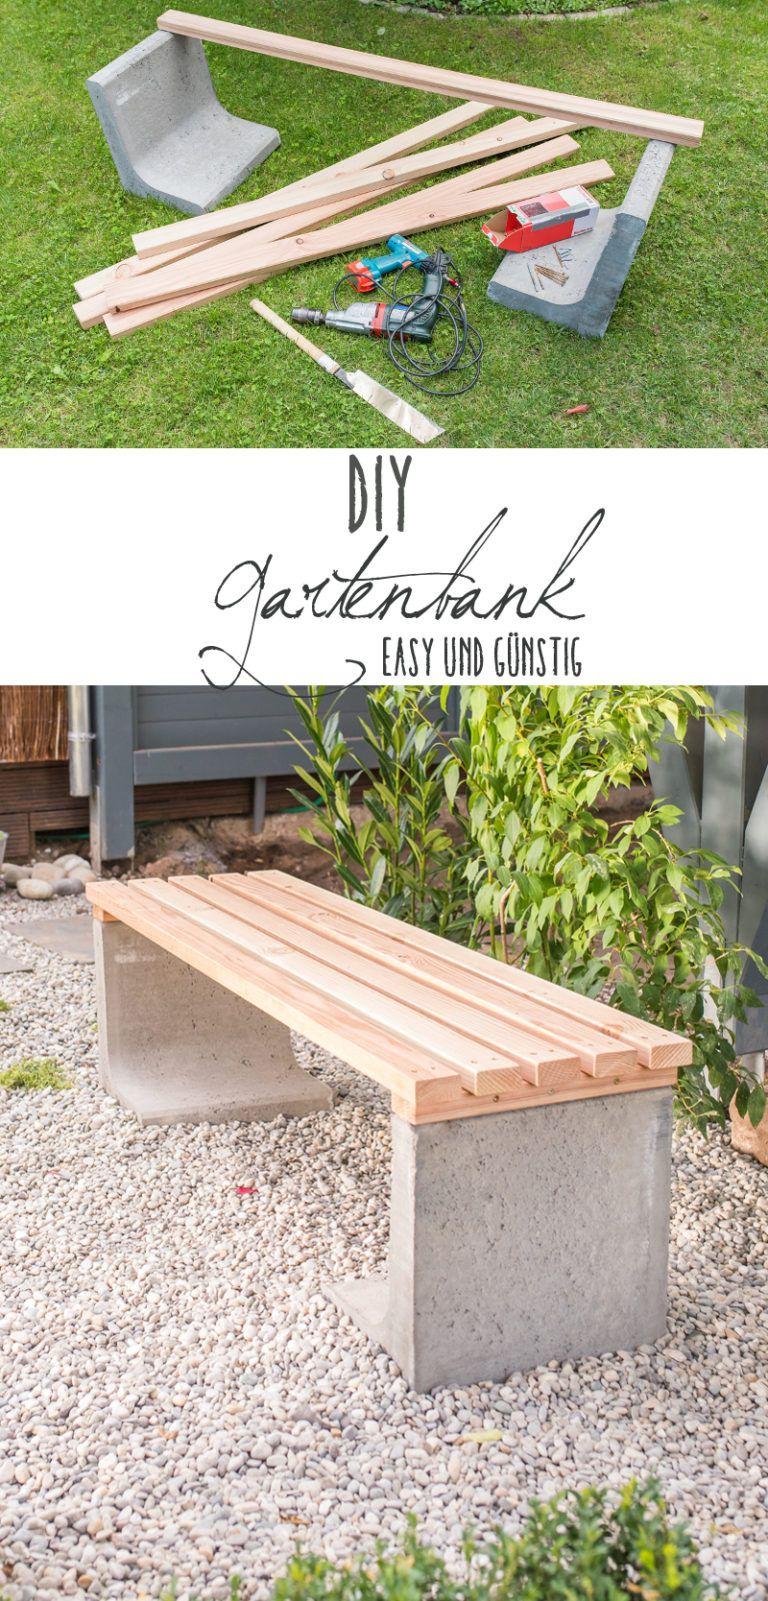 Beton Deko Garten Inspirierend Diy Gartenbank Mit Beton Und Holz